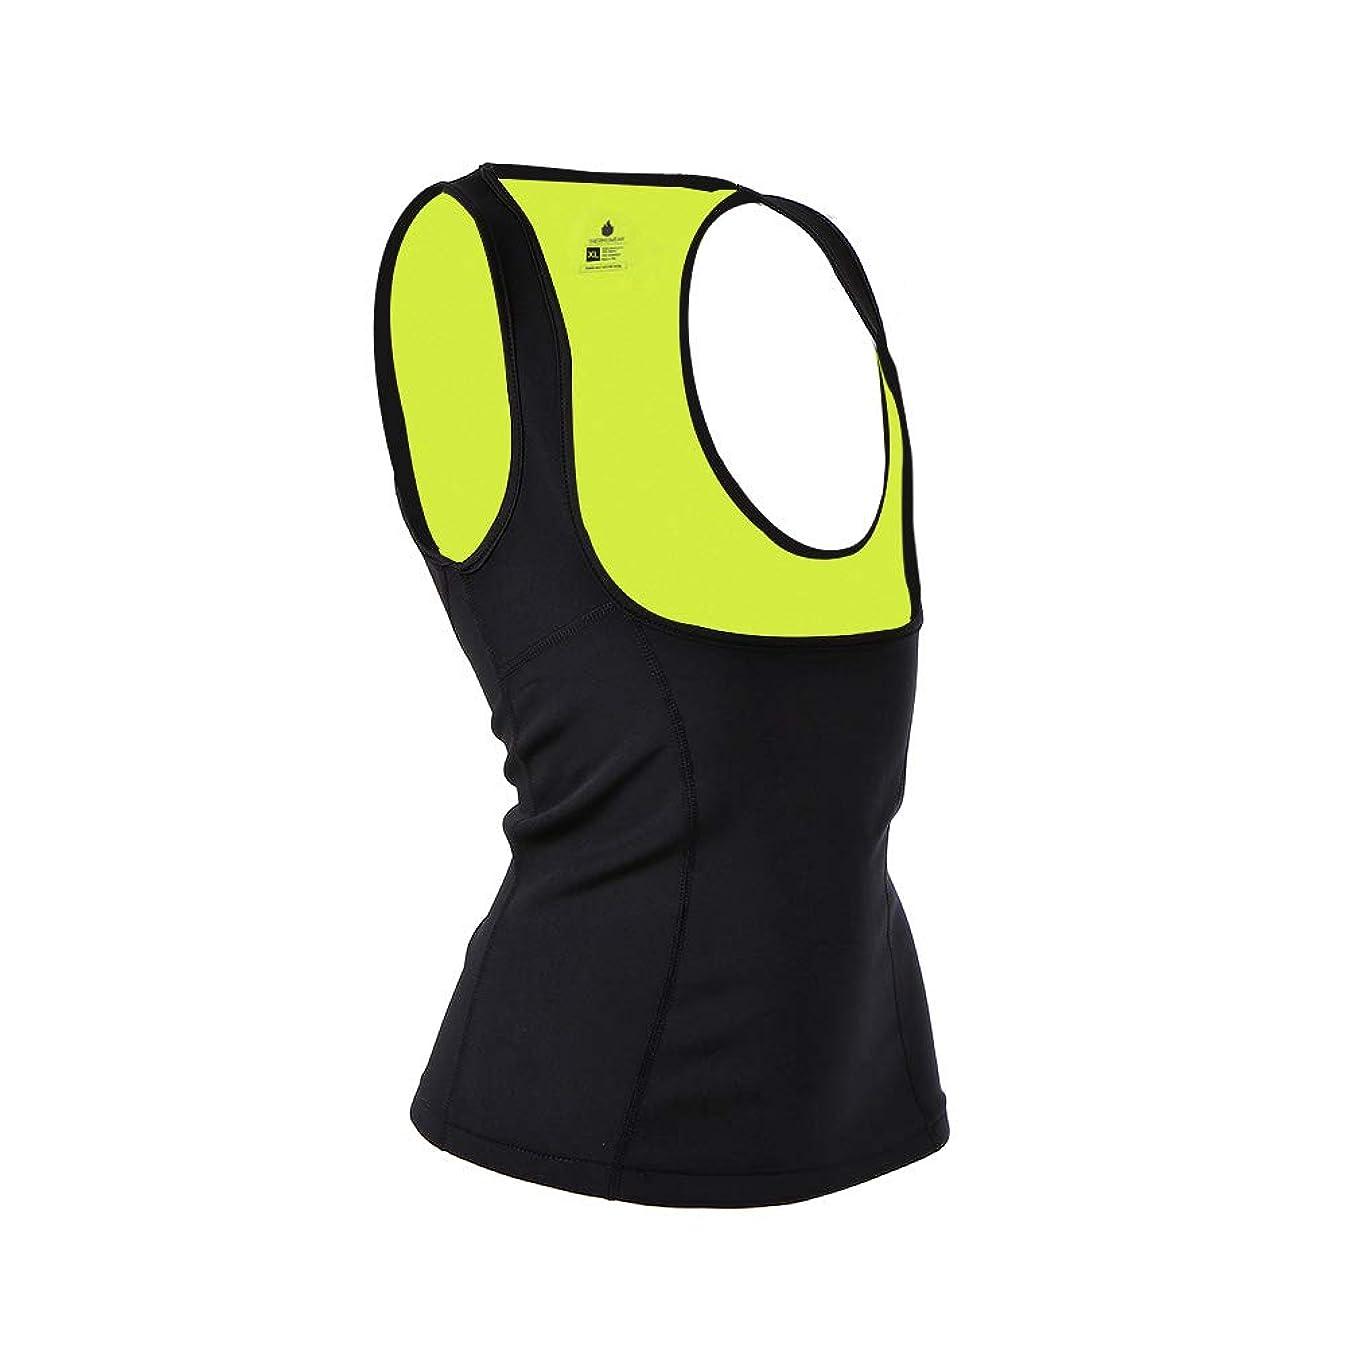 イベントぴったりネズミLIXADA コルセット ボディスーツ ボディシェイパー ダイエット用 腰痛サポート 補正下着 通気 伸縮